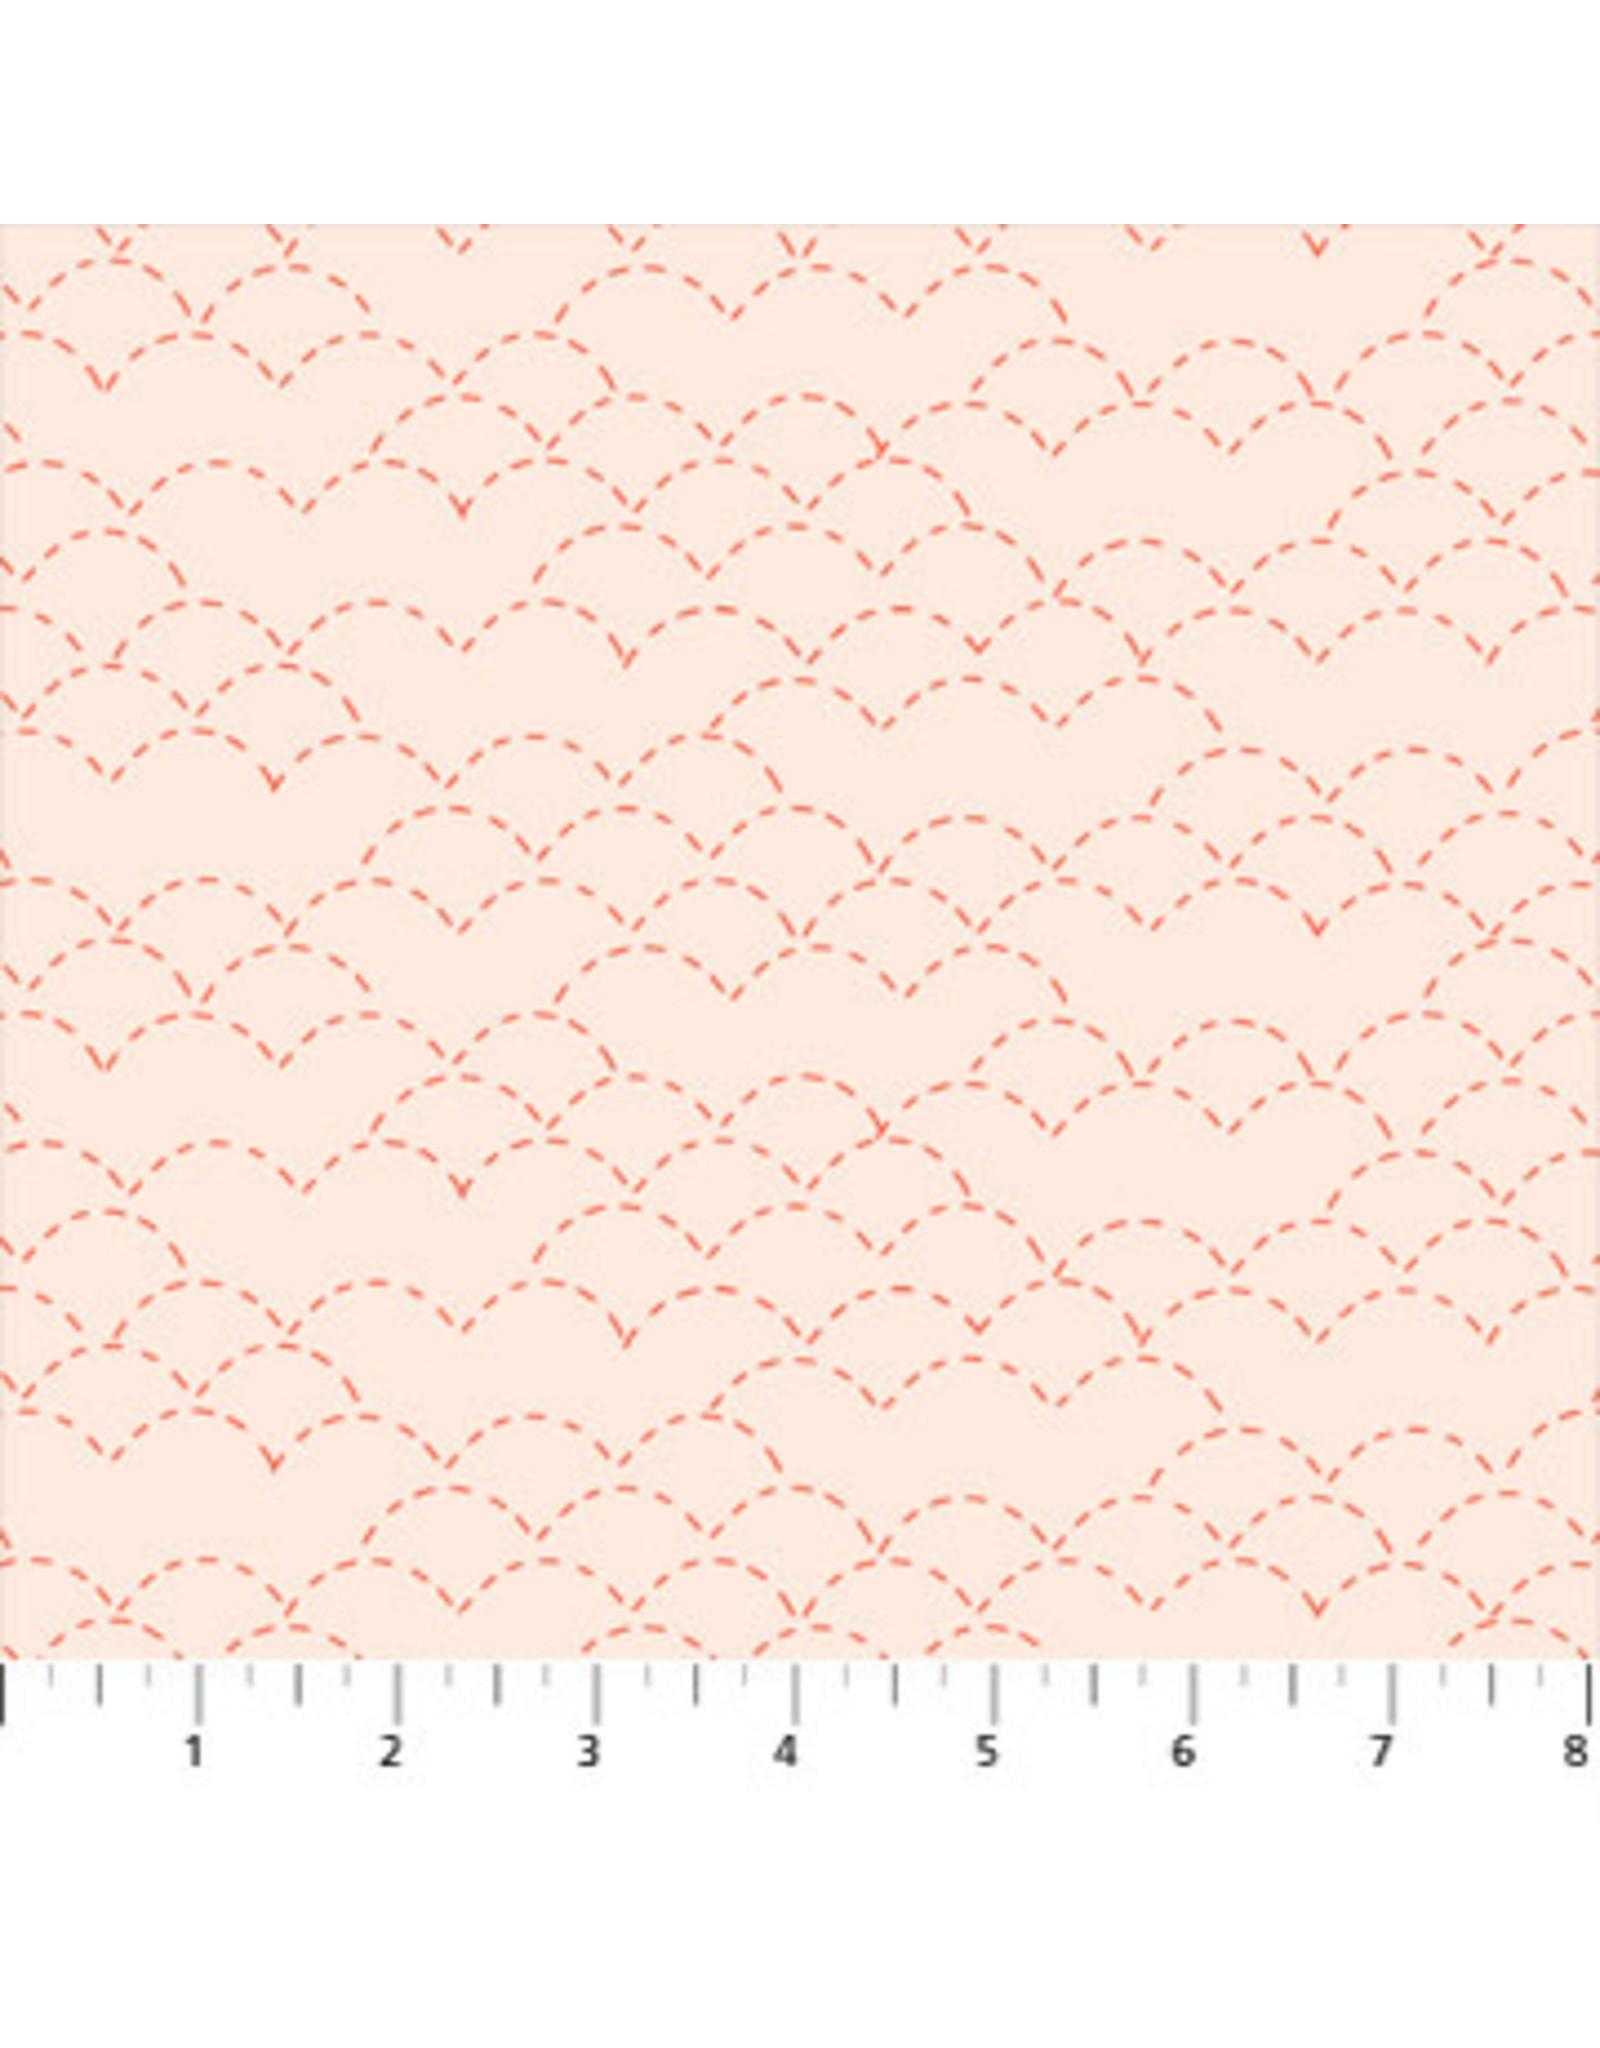 Figo Hand Stitched - Stitches Cream Pink